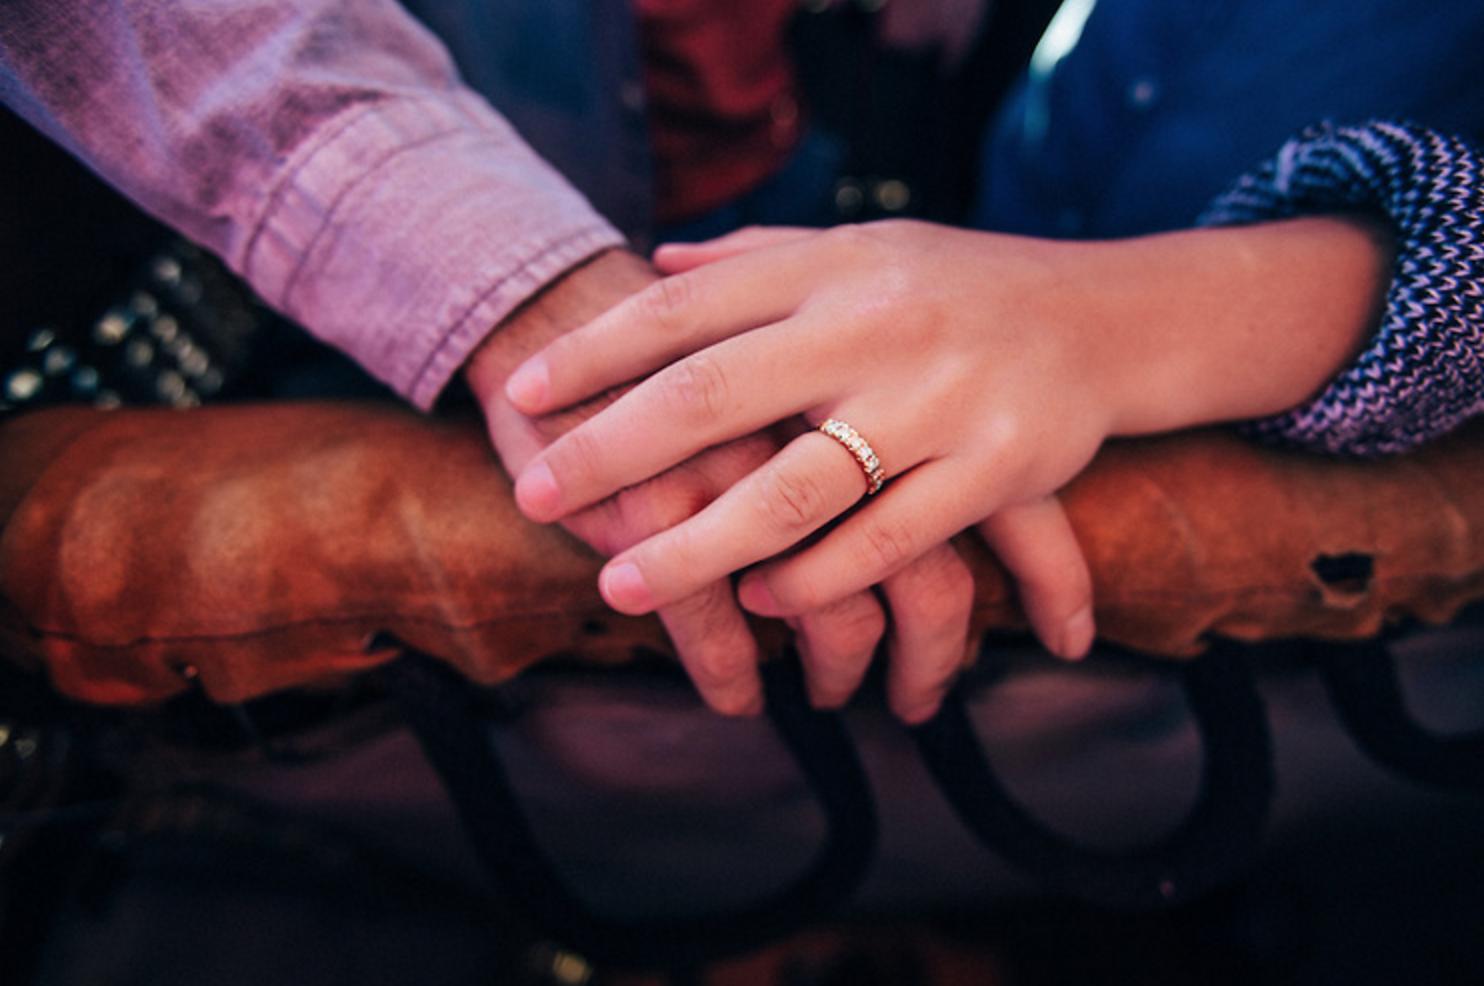 世界にたったひとつの婚約指輪にしたくて、山から金を掘るところから始めてみました